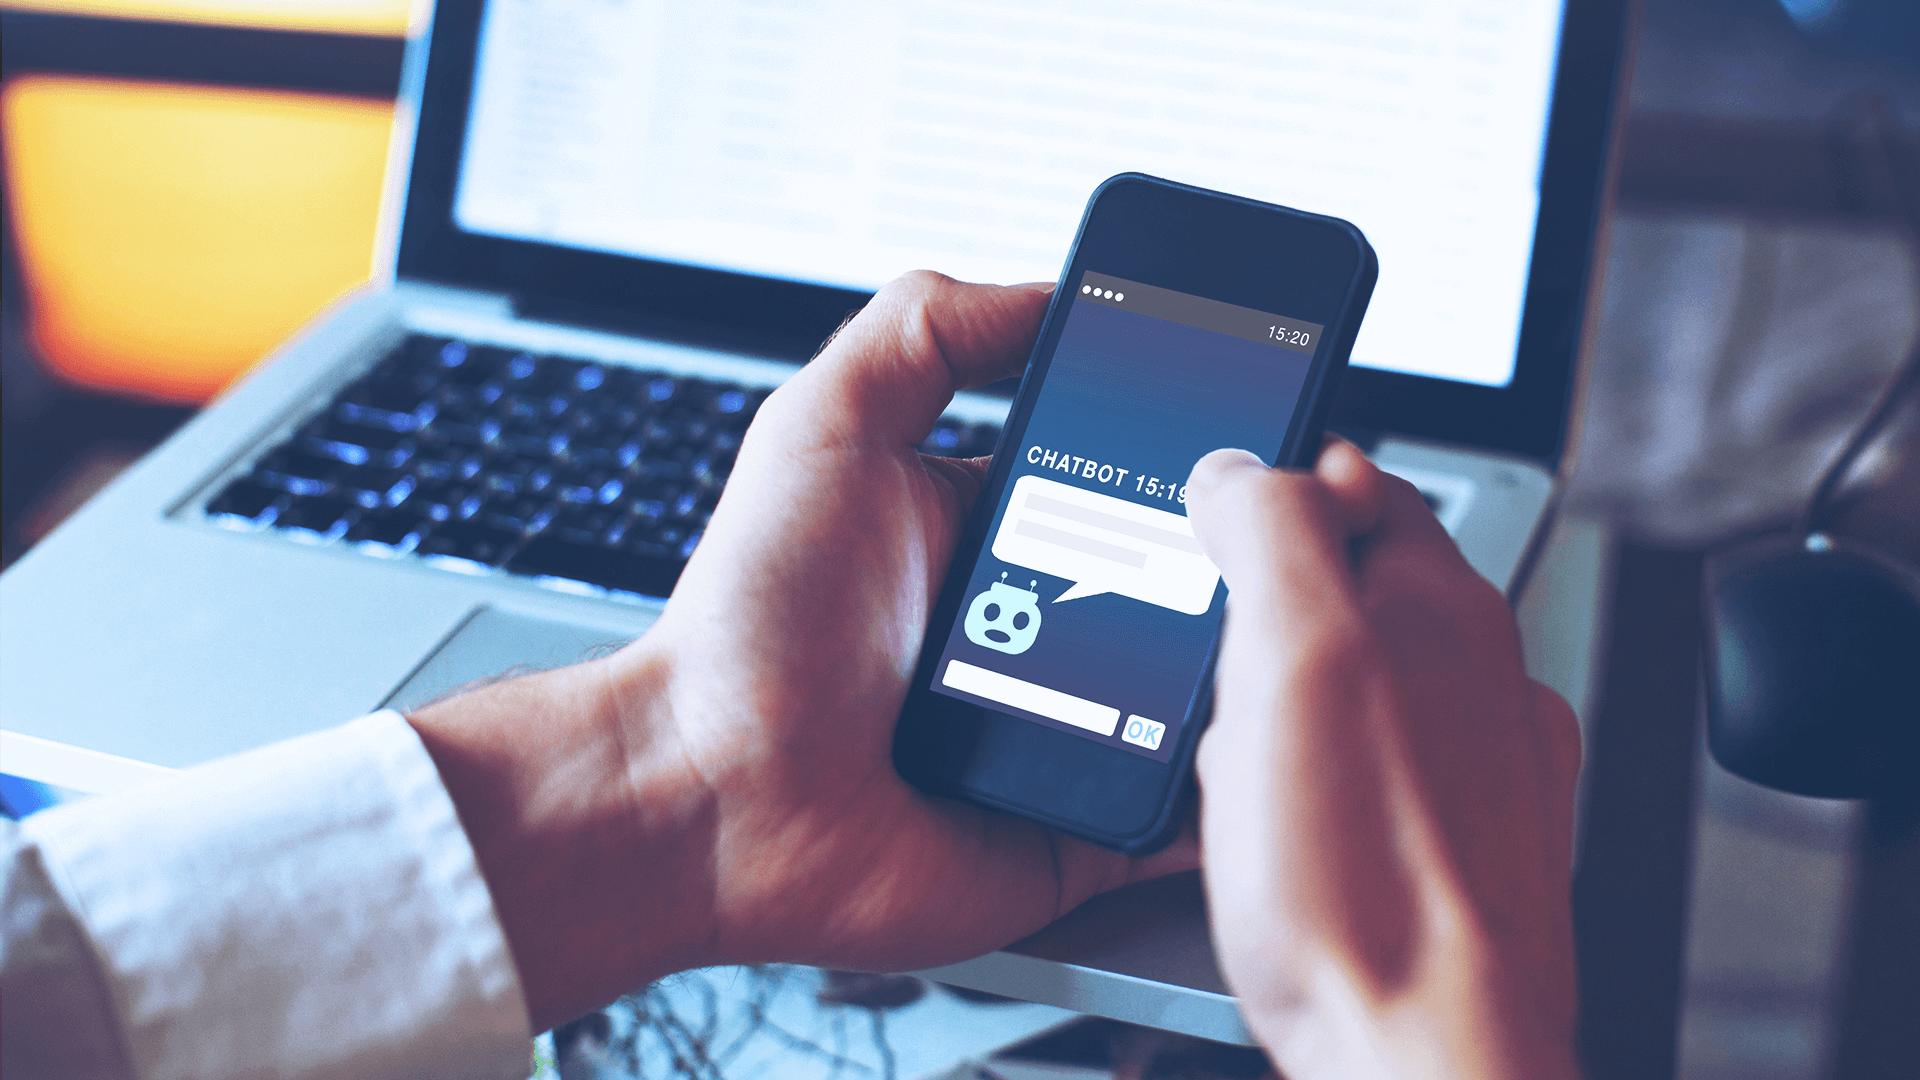 Otimize seu negócio com os Chatbots - Parceira de Negócios TIM